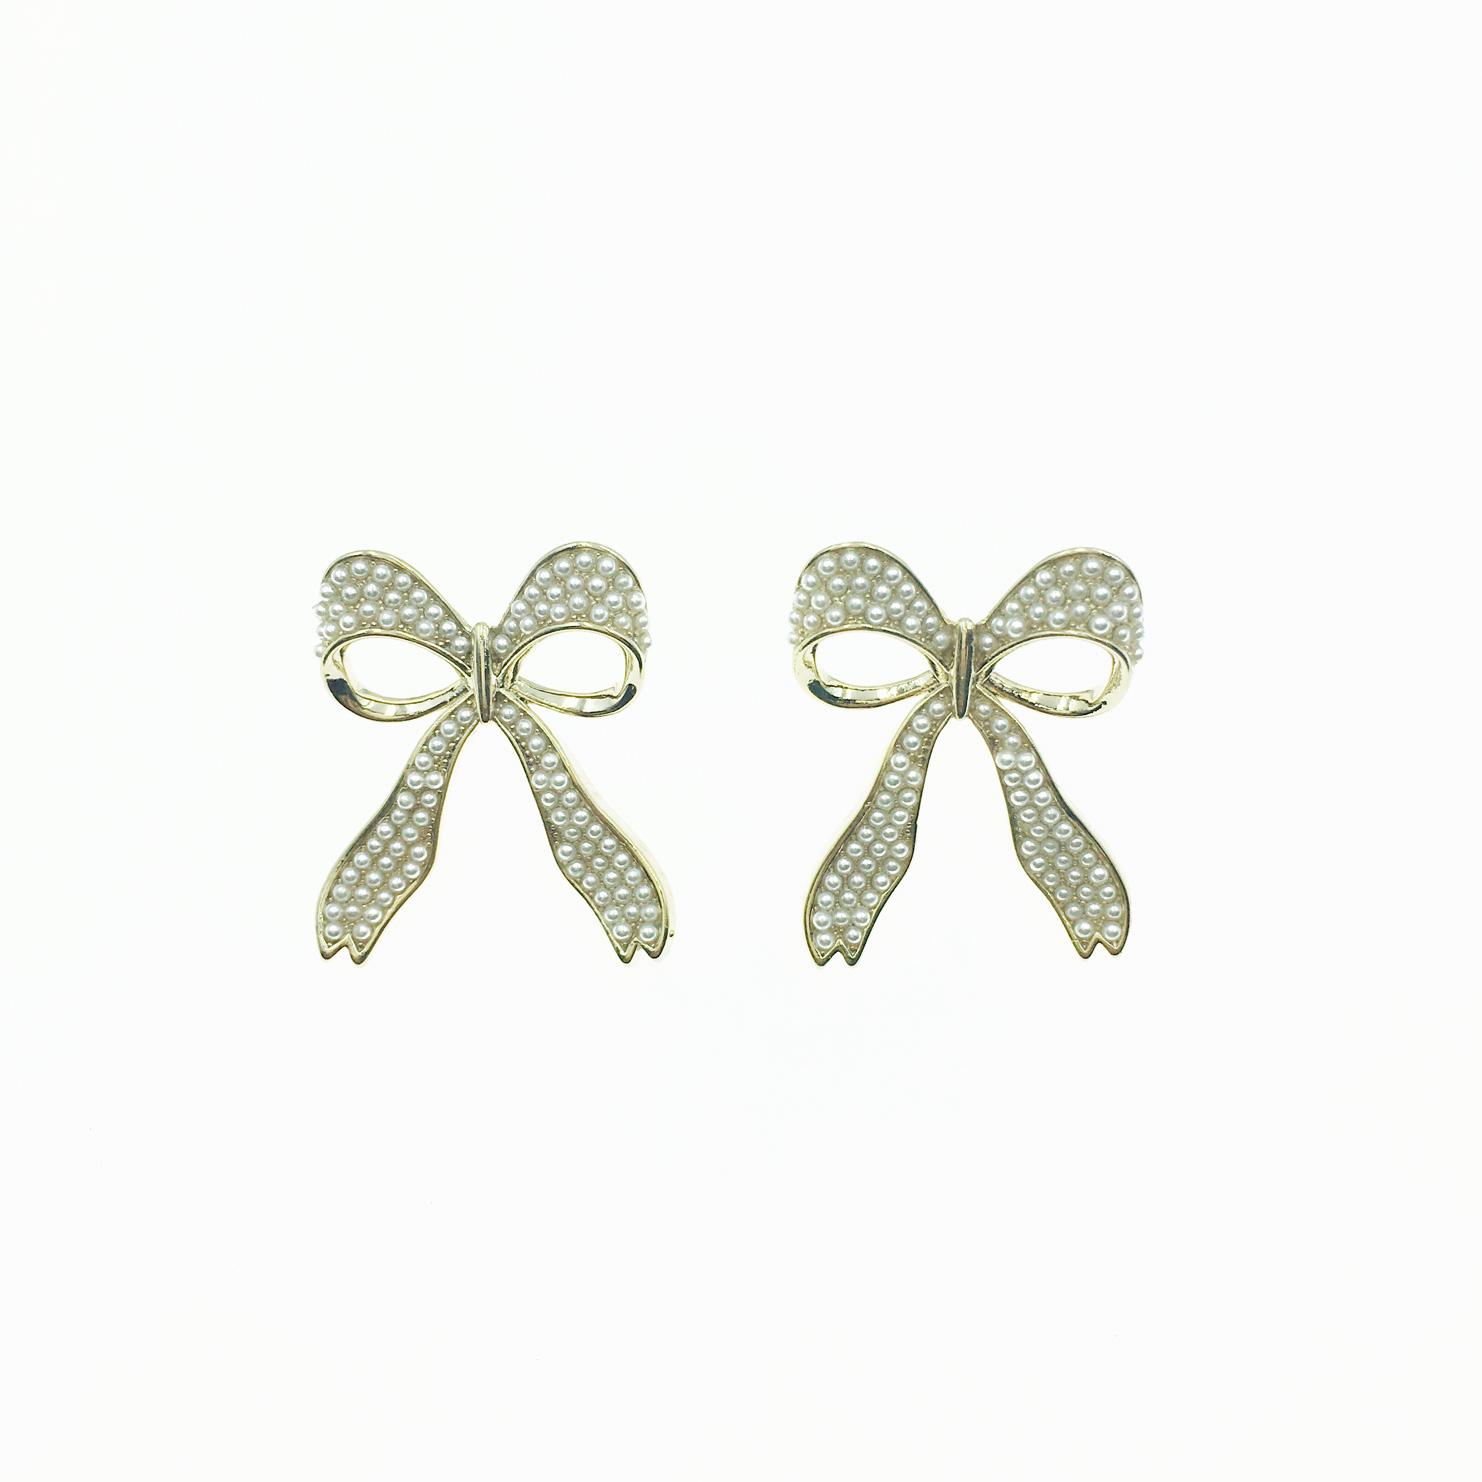 韓國 925純銀 蝴蝶結 珍珠 緞帶 耳針式 耳環